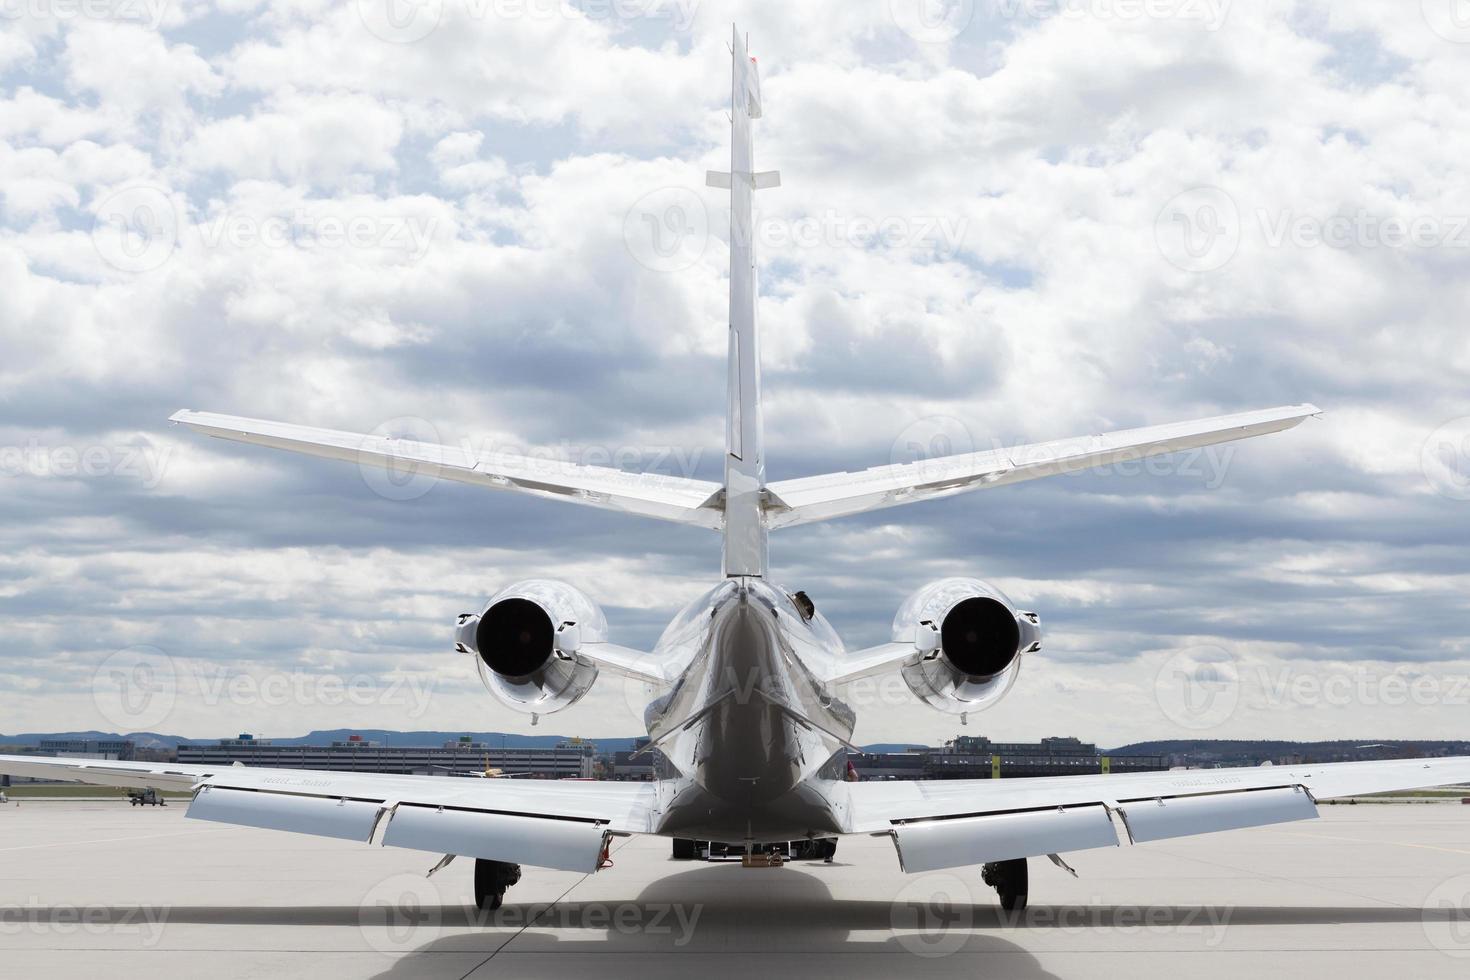 Flugzeug Learjet Flugzeug vor dem Flughafen mit bewölktem Himmel foto